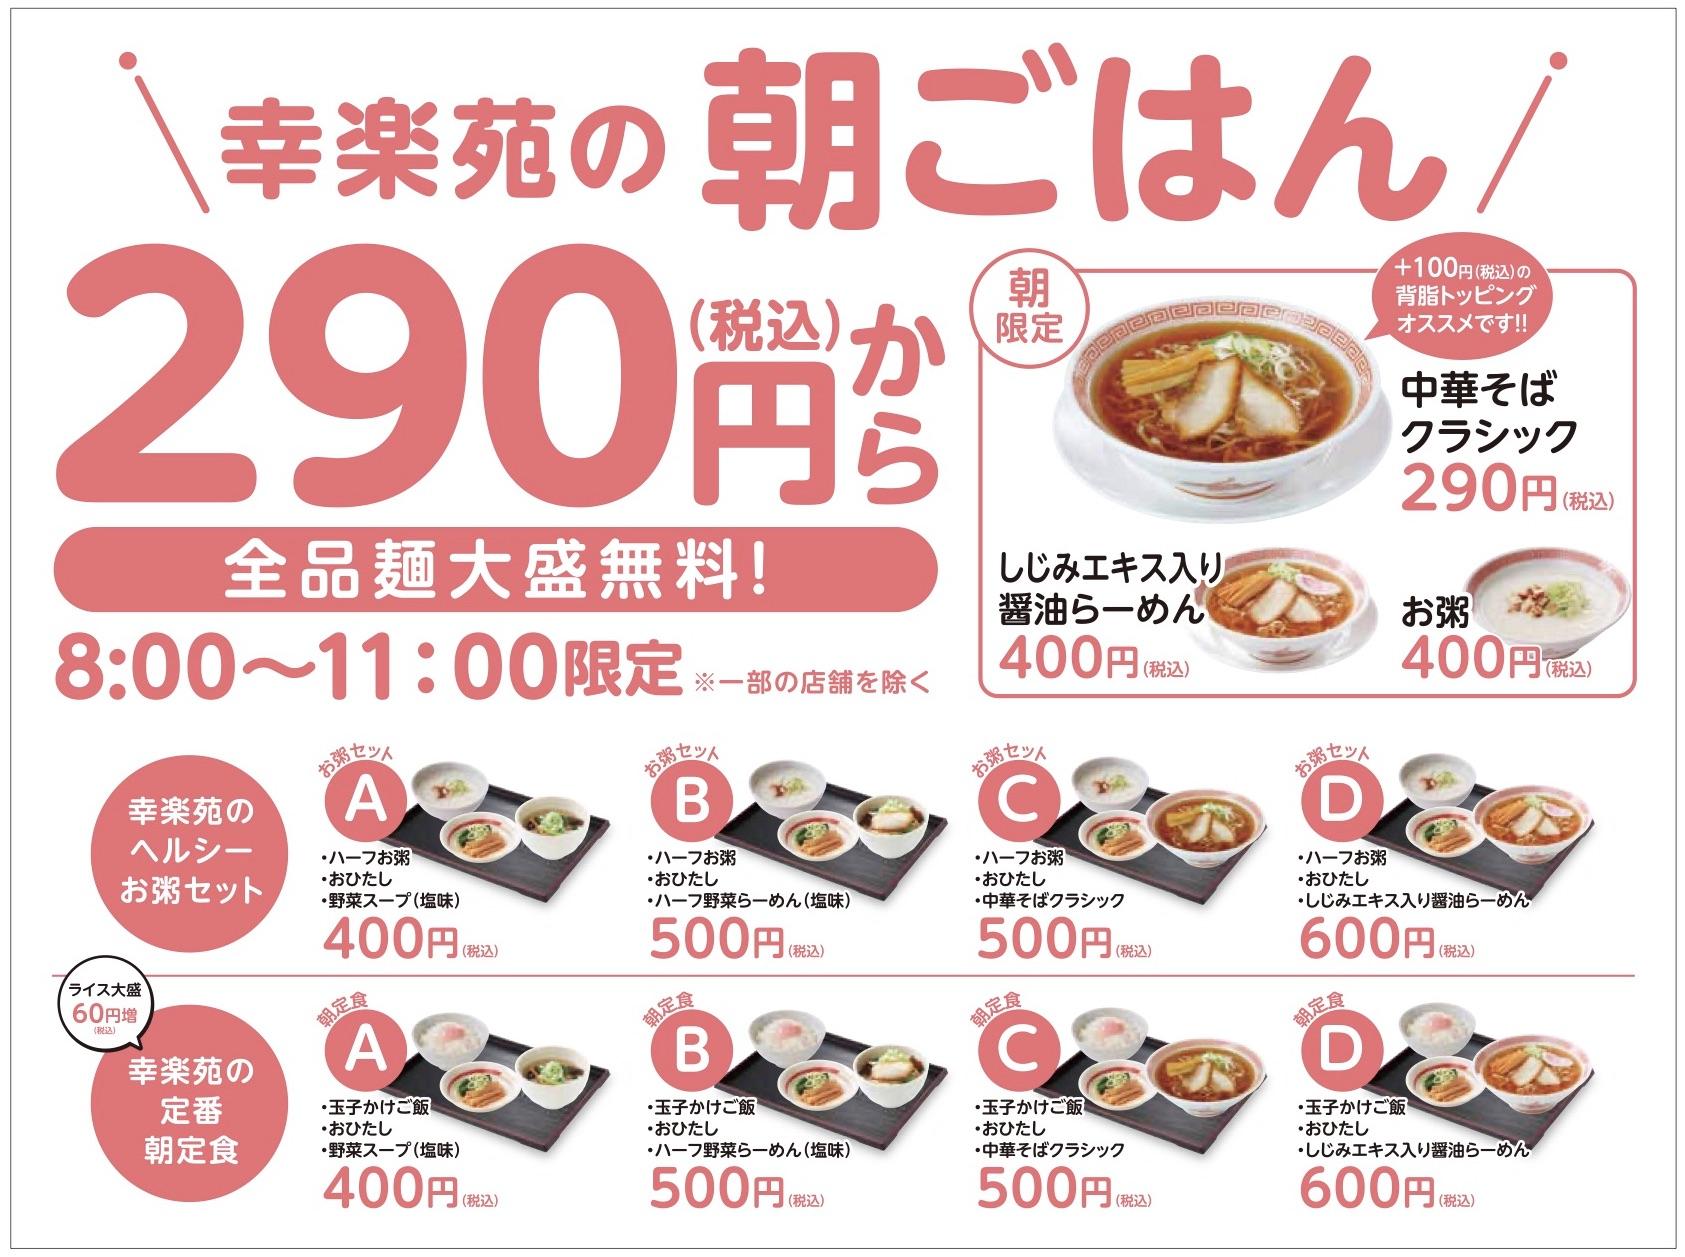 出典:幸楽苑公式ホームページ(https://www.kourakuen.co.jp/campaign)